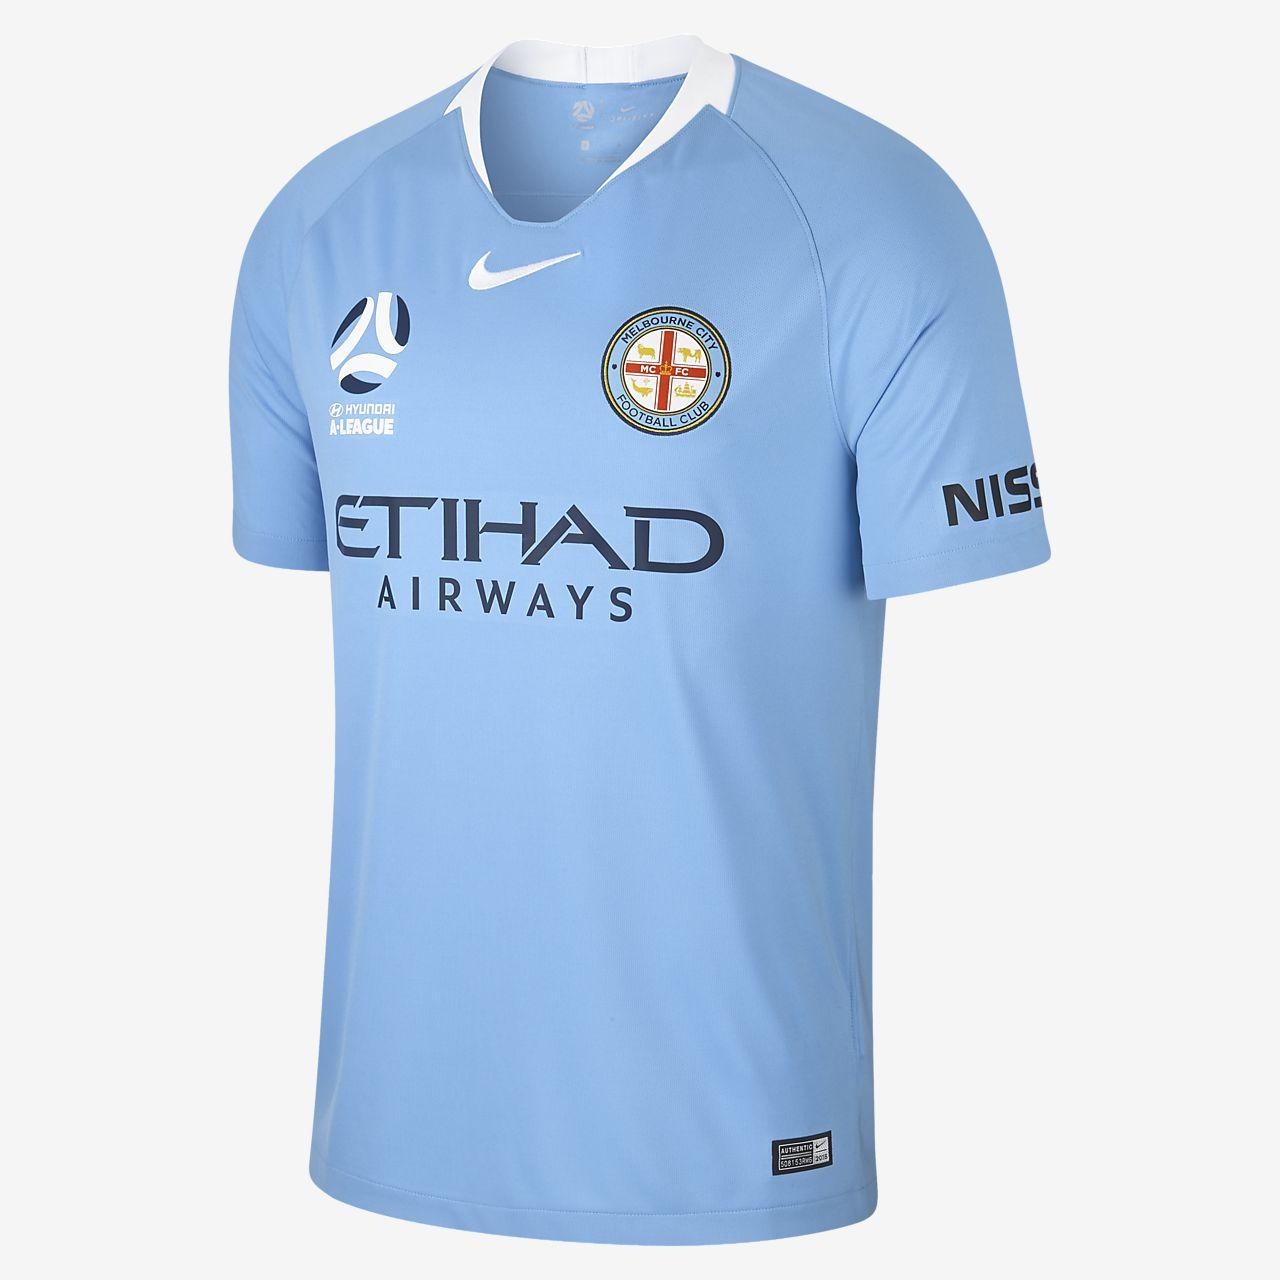 ... Camiseta de fútbol para hombre de local Stadium del Melbourne City FC  2018 19 94e90e7b0a1